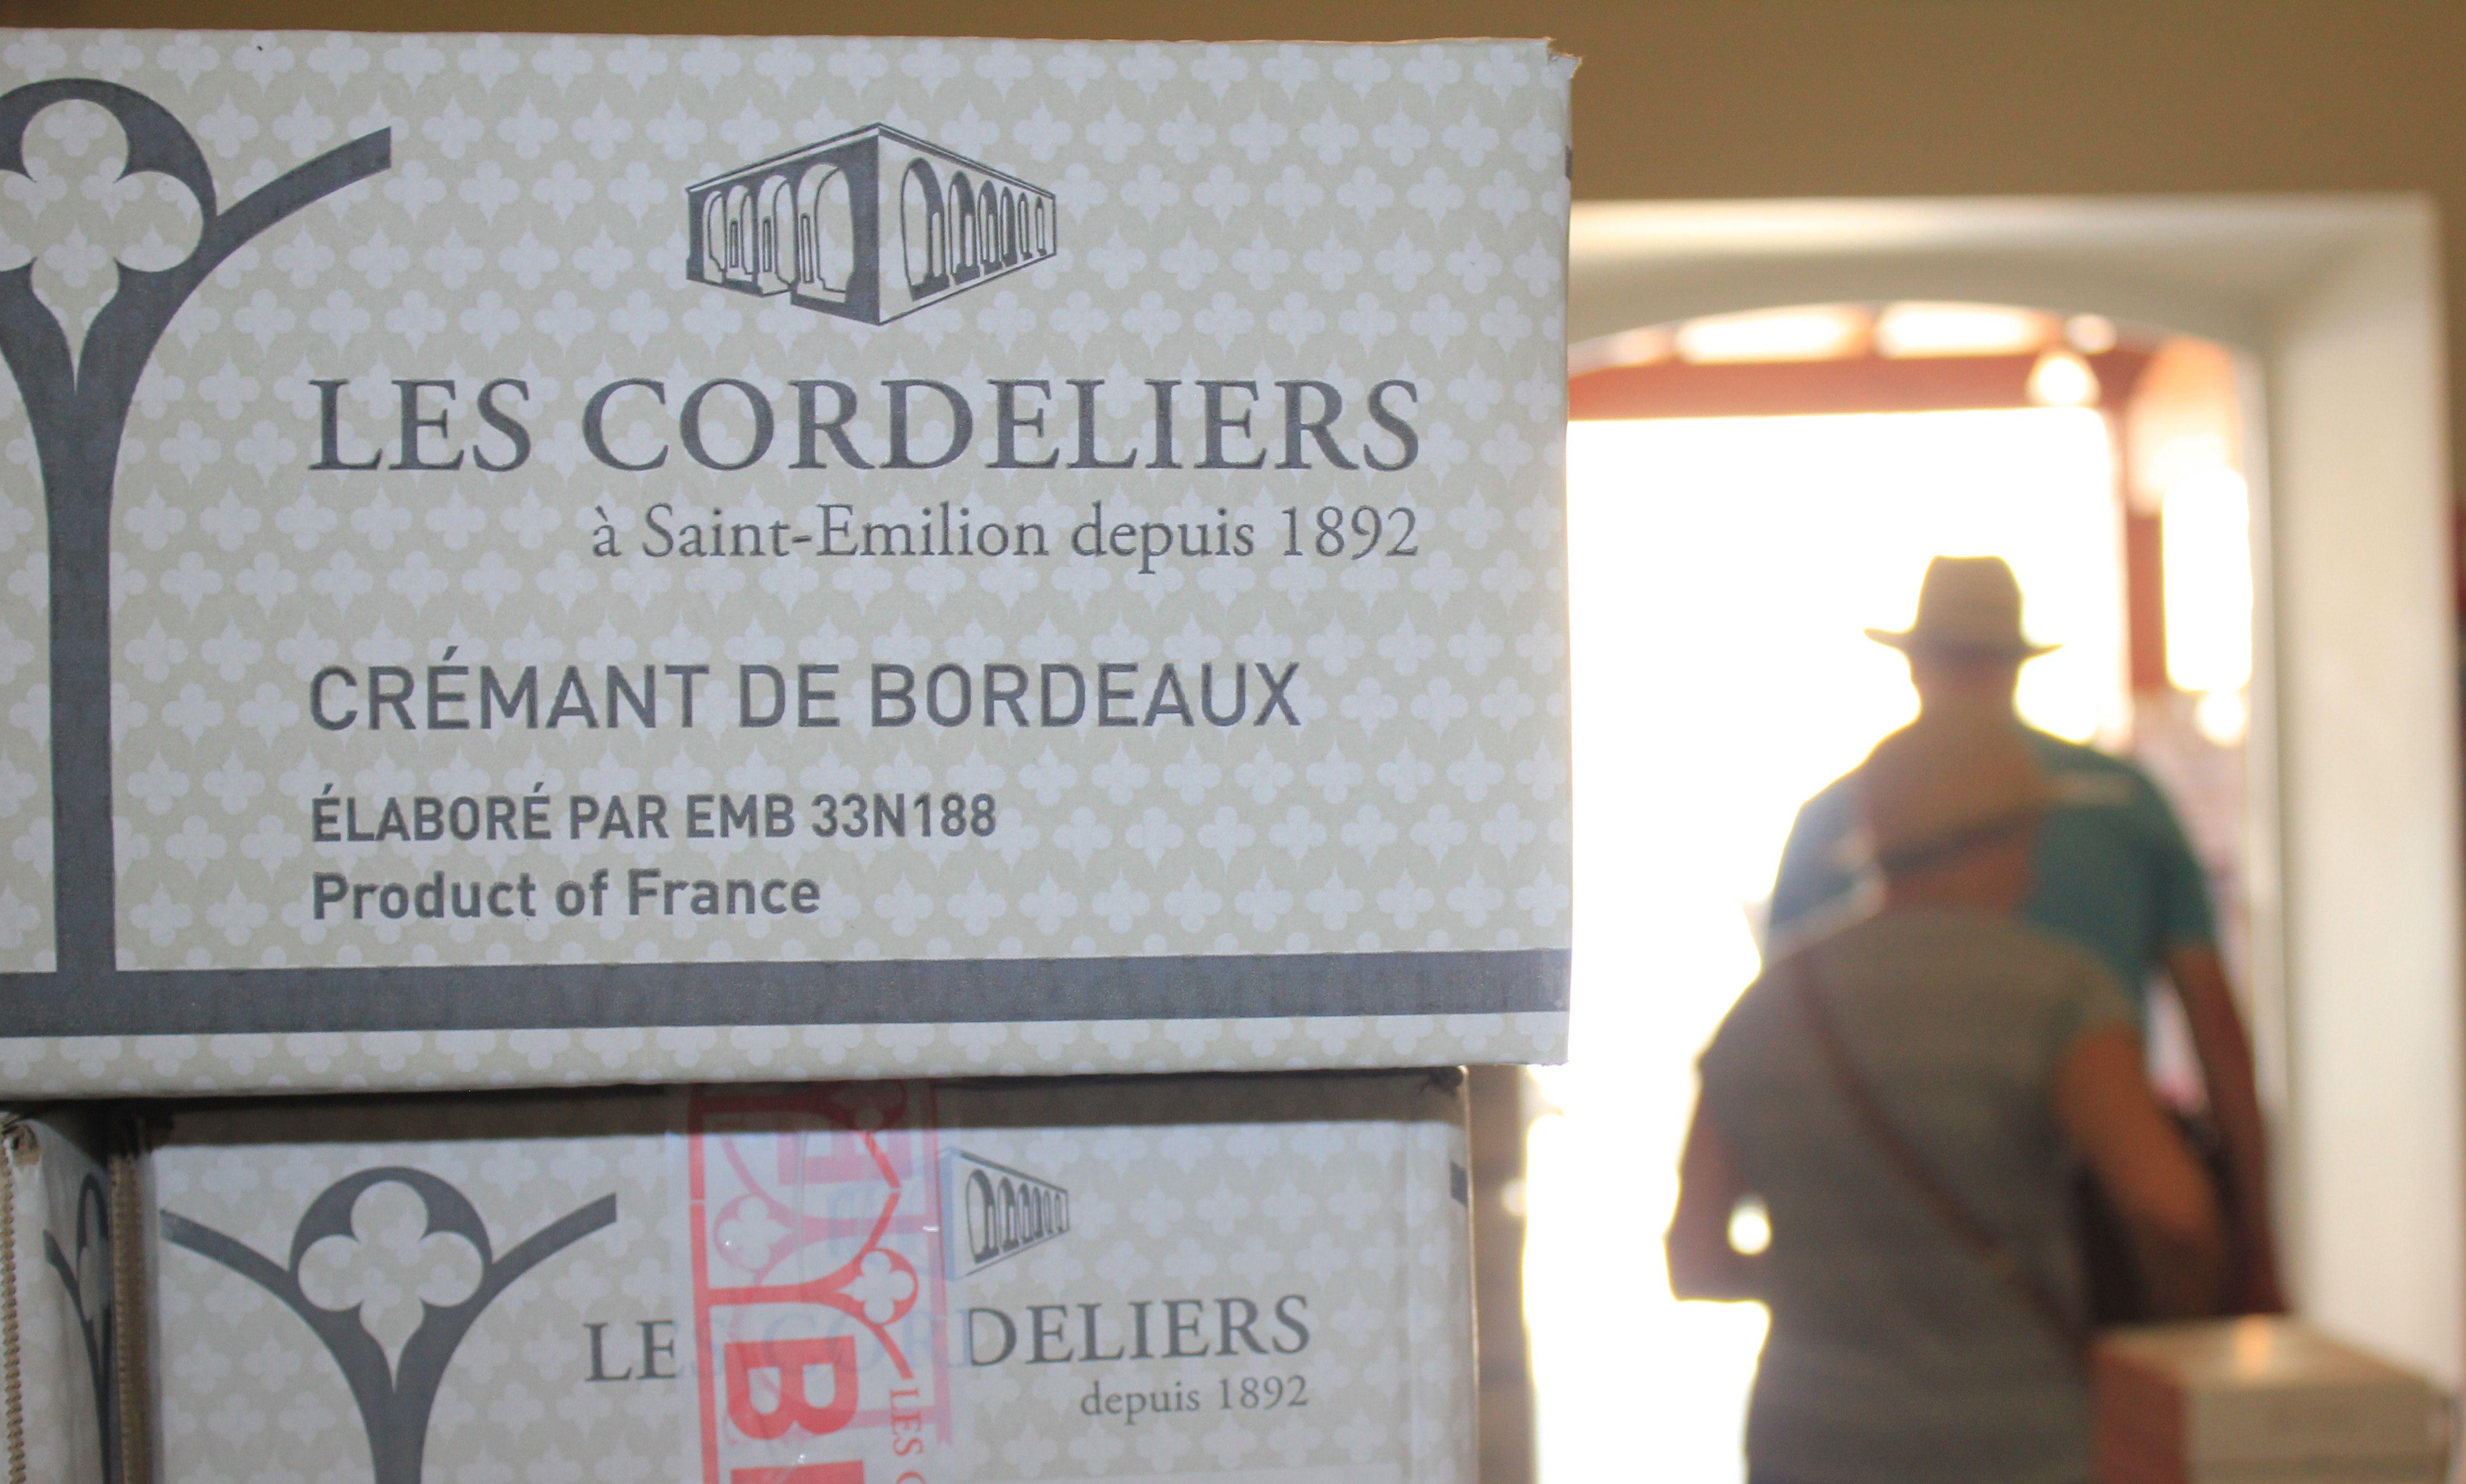 Epingle Sur Le Cloitre Des Cordeliers Lieu Incontournable A Visiter A Saint Emilion